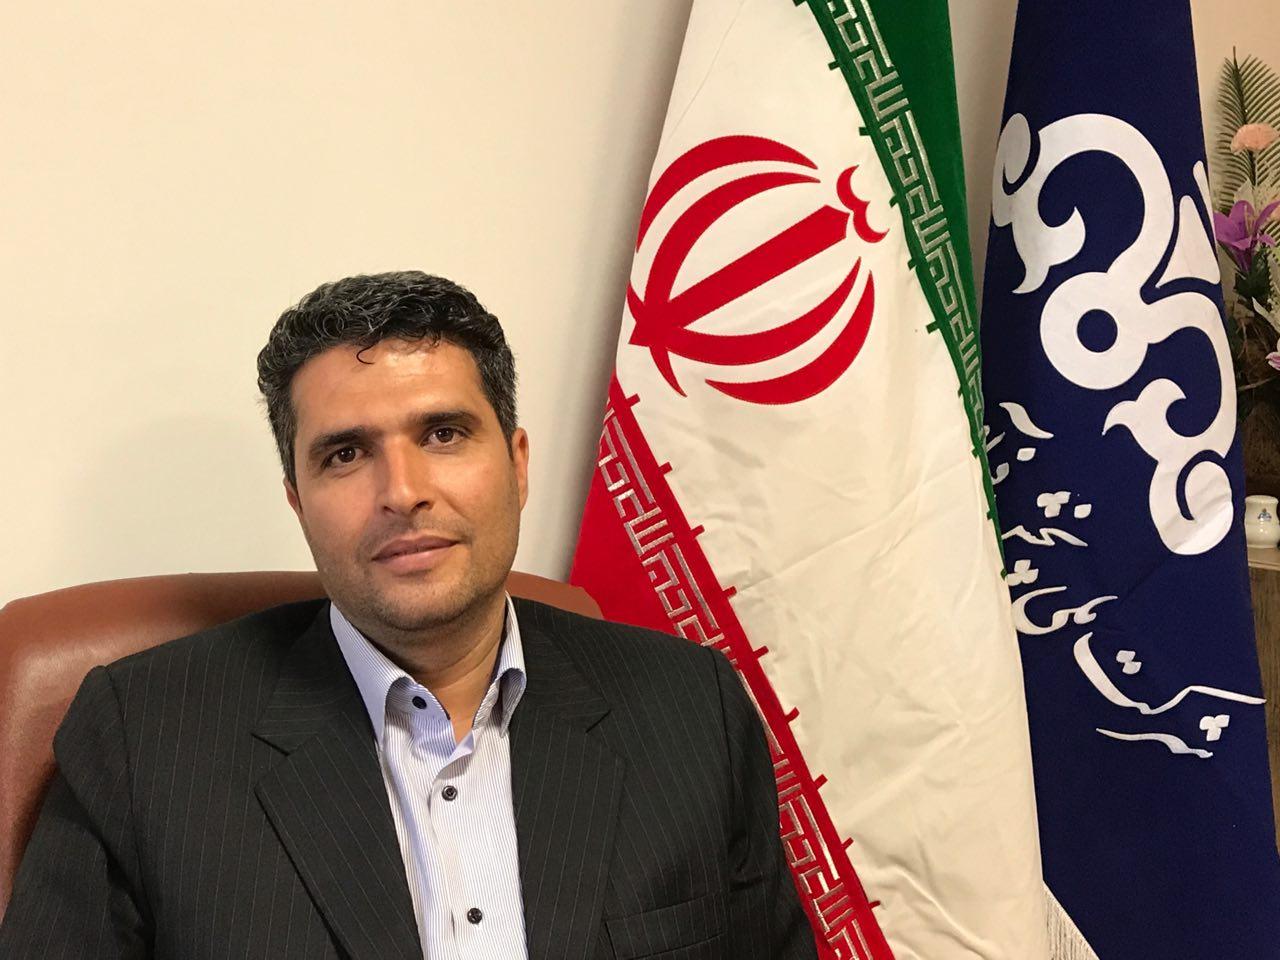 پیام تبریک مدیرشرکت ملی پخش فرآورده های نفتی منطقه شاهرود به مناسبت روز جمهوری اسلامی